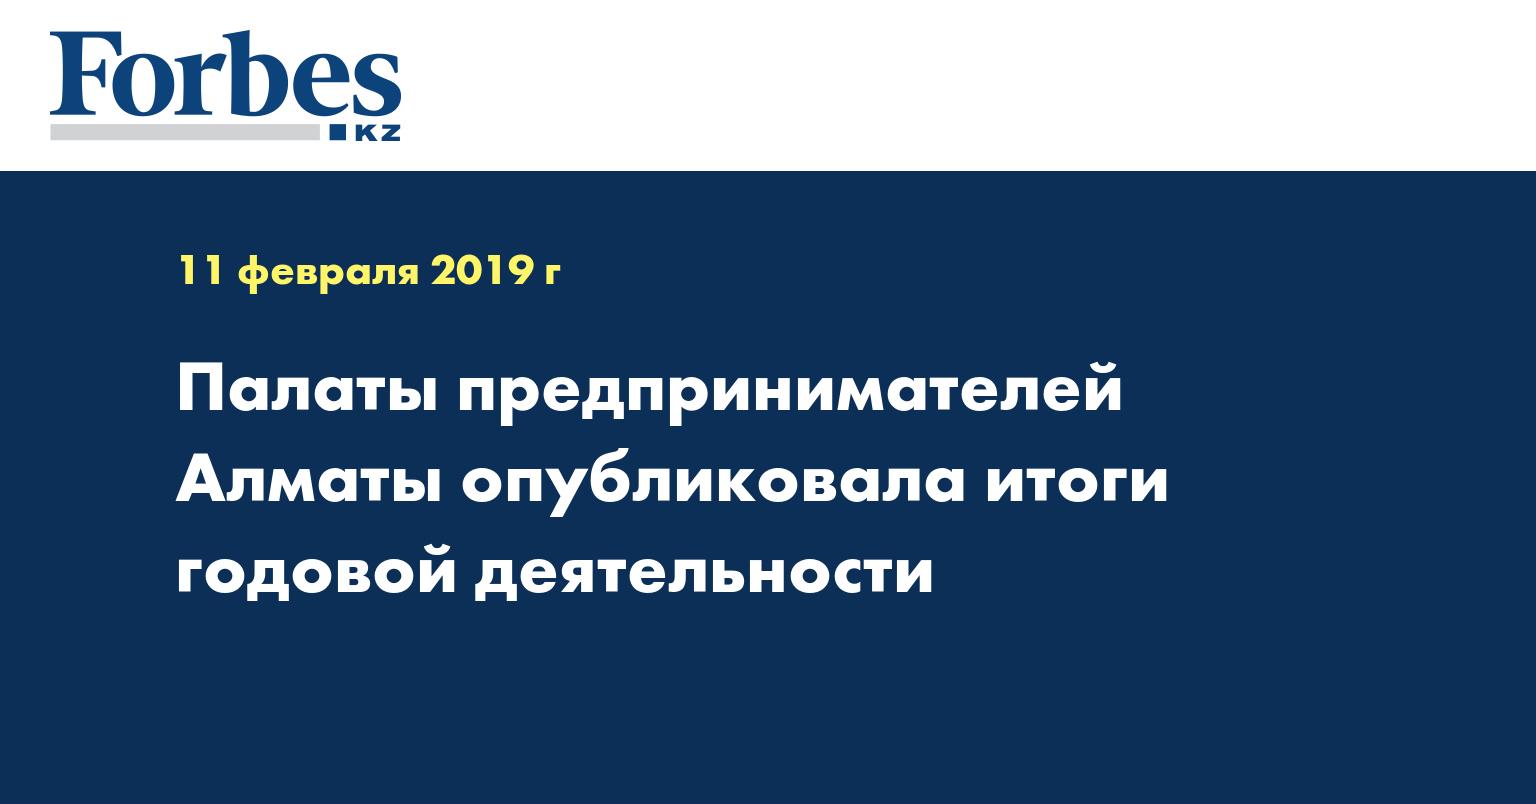 Палаты предпринимателей Алматы опубликовала итоги годовой деятельности